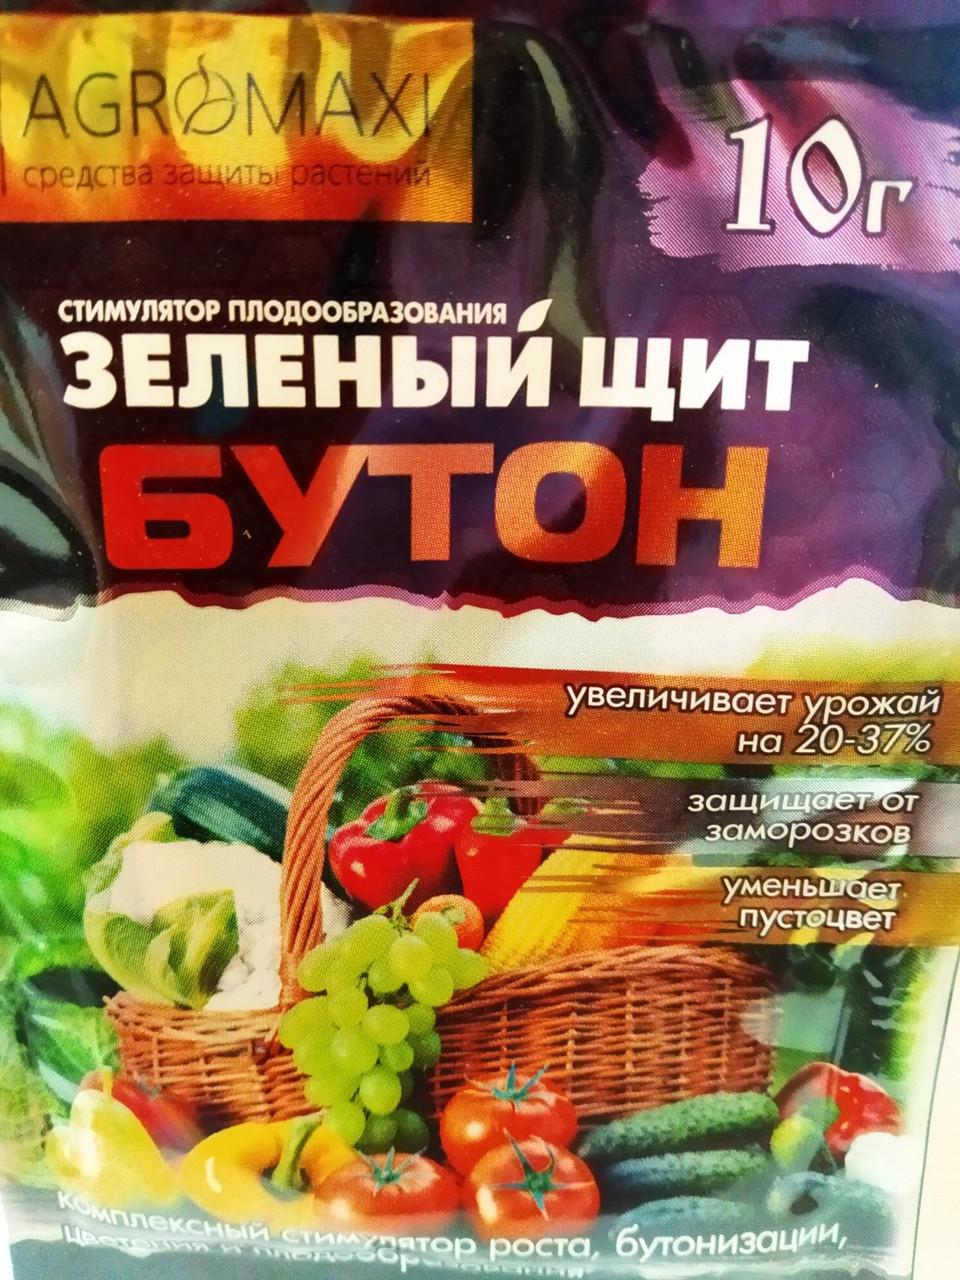 Стимулятор плодообразования Зеленый Щит Бутон 10 г на 10 литров воды Агромакси, Украина